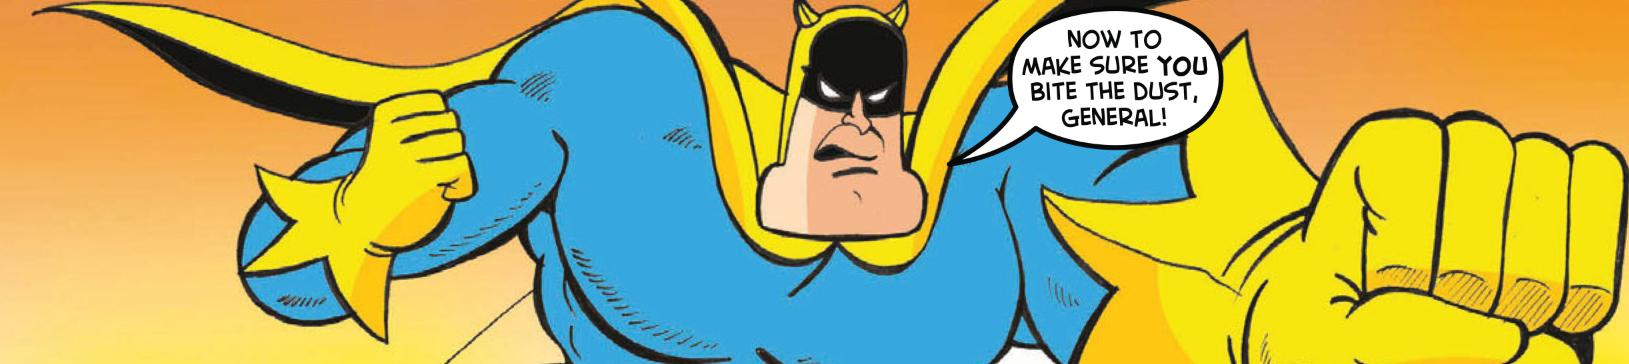 Heroic-Bananaman